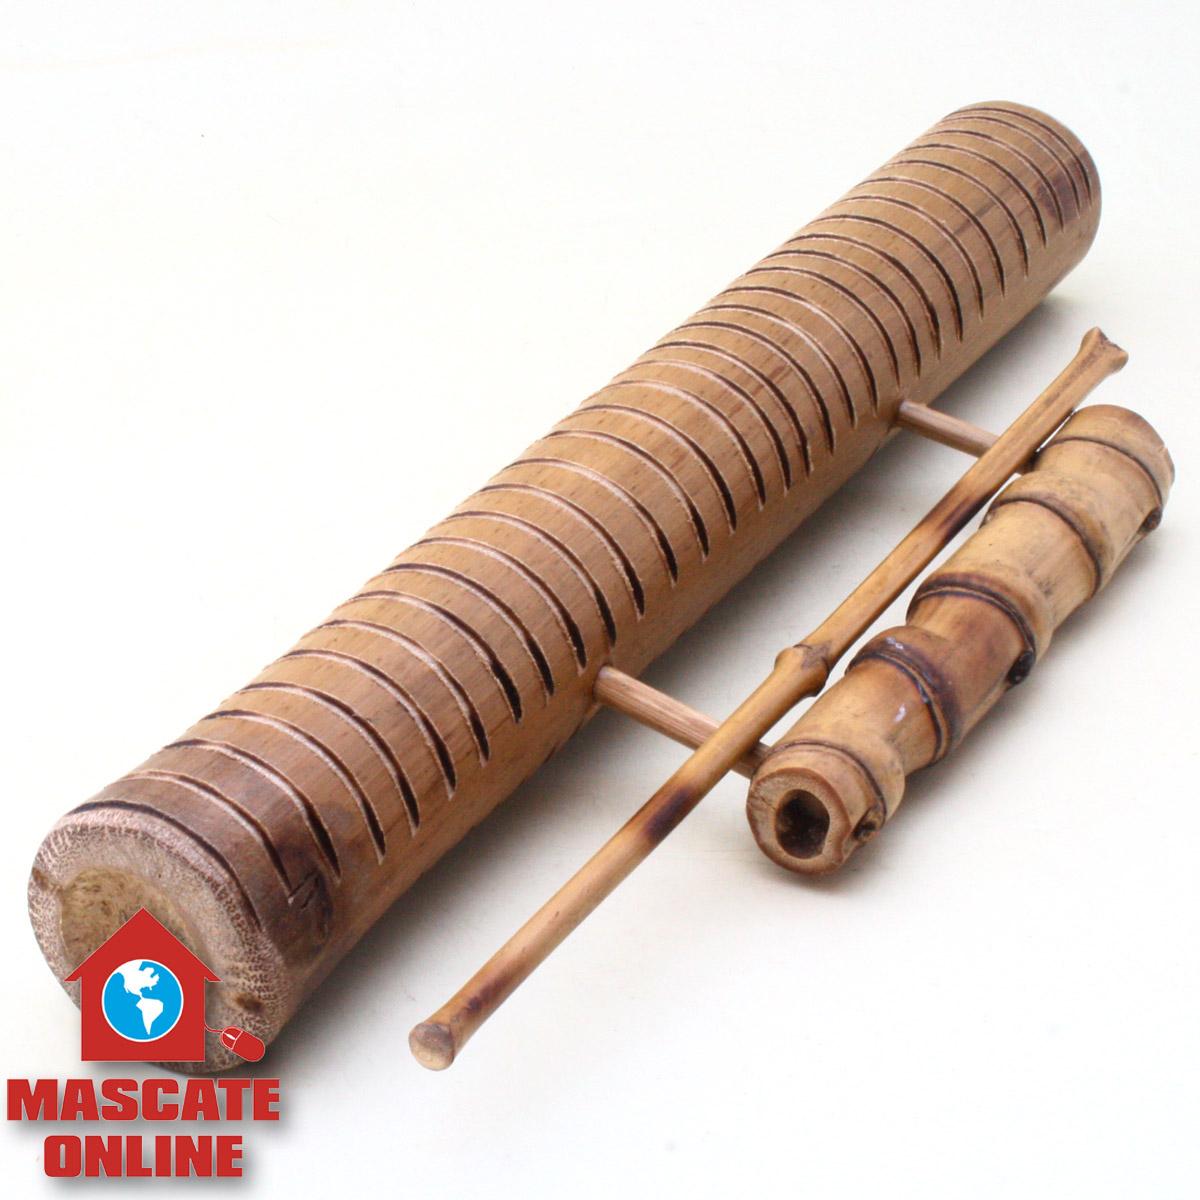 Reco Reco bambu 40cm com alça - Ranhuras médias e pequenas